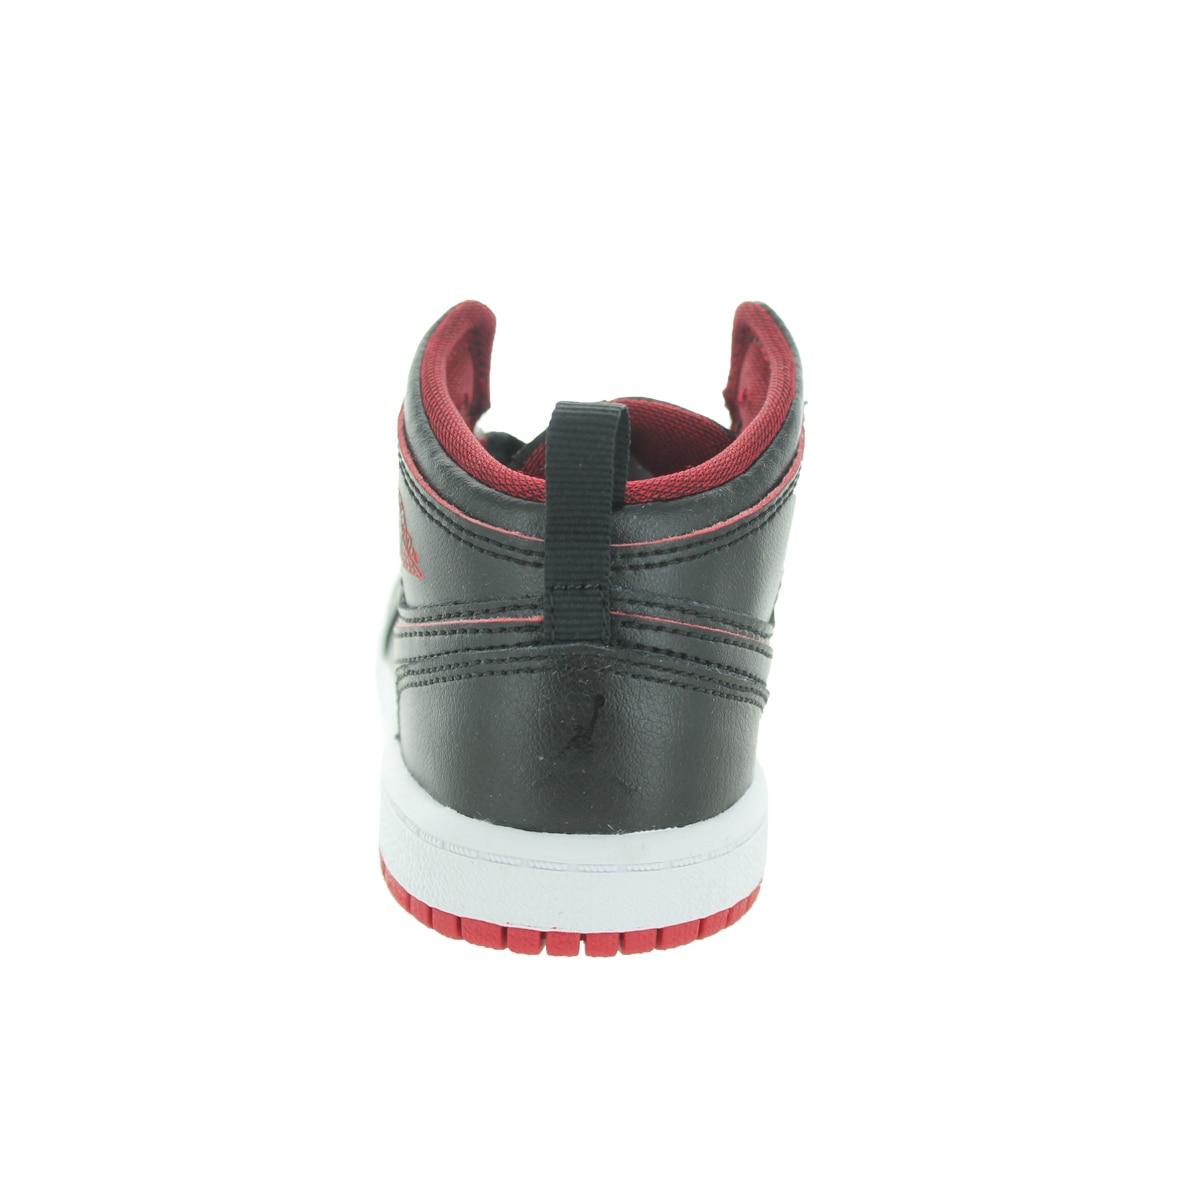 73cec2344c2c1 Jordan Toddler Black/Black/White/Gym Red Basketball Shoes